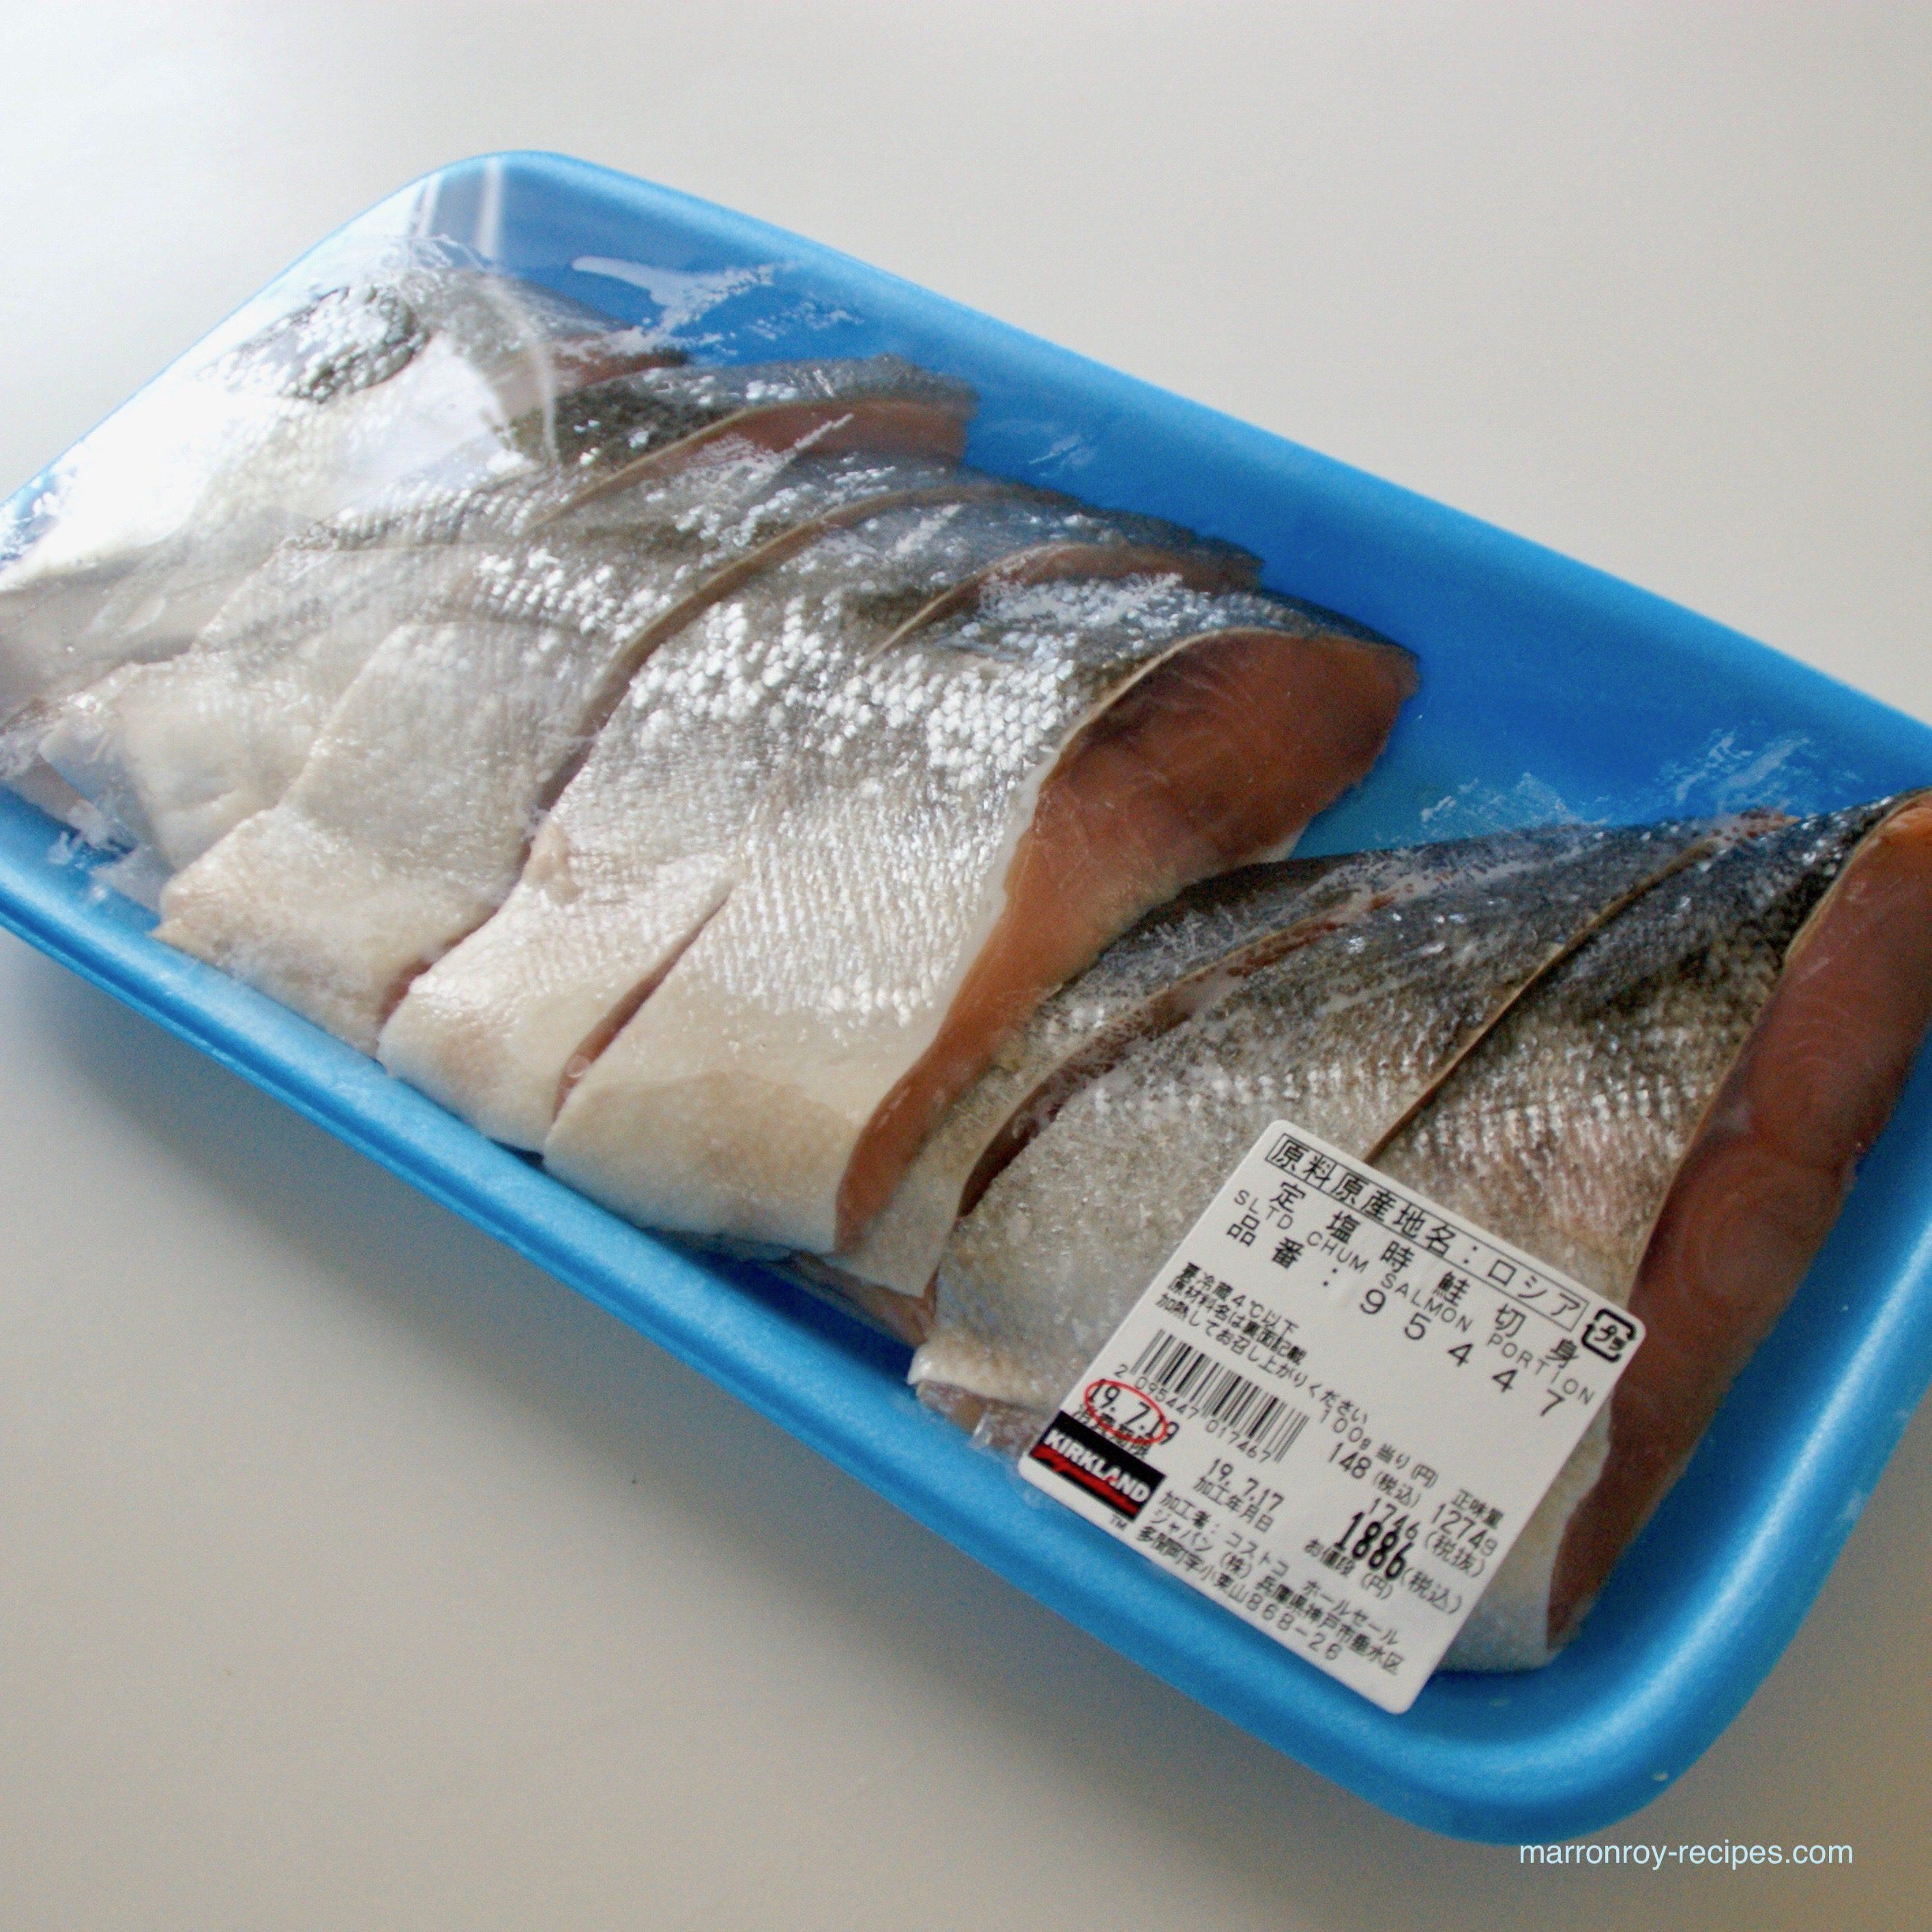 """コストコ期間限定商品!?""""ロシア産 定塩時鮭切身""""を食べてみた"""